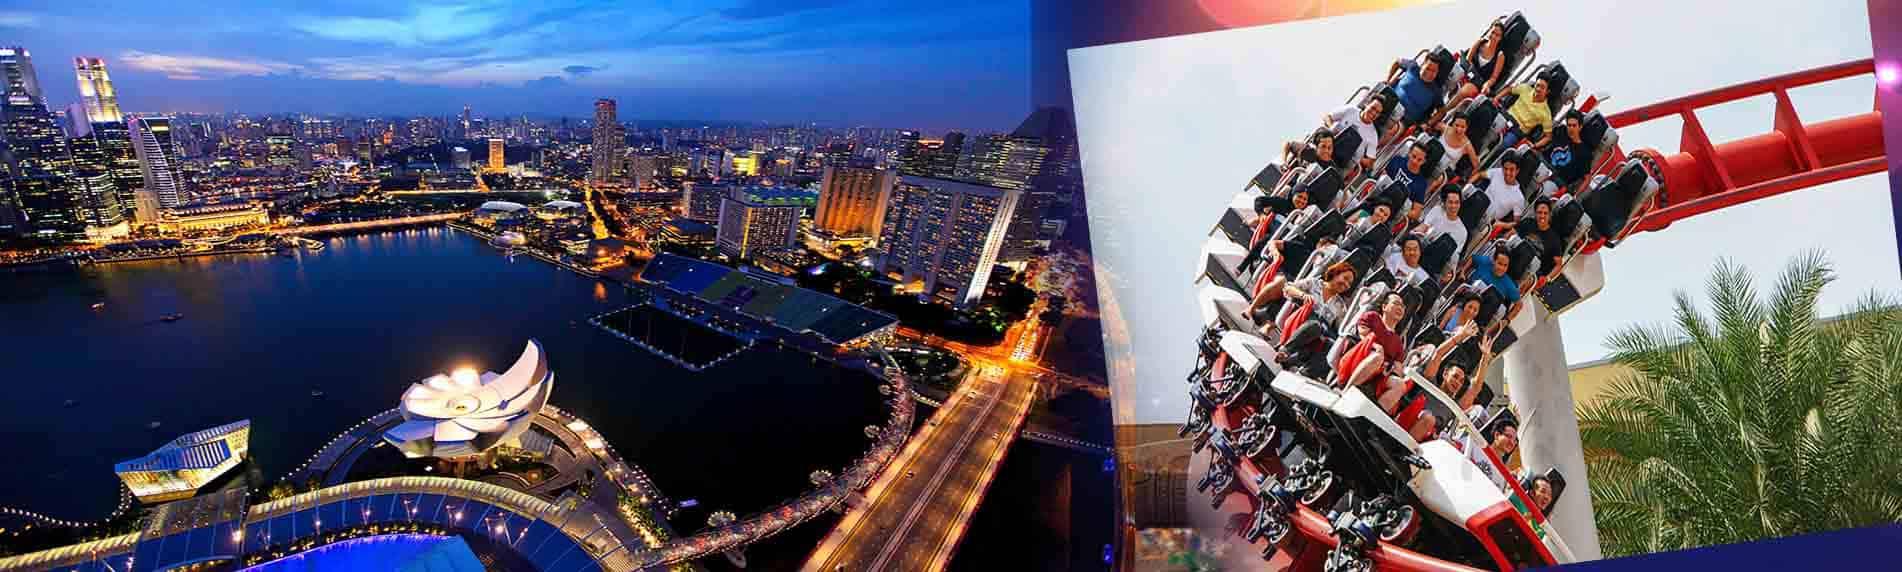 Explore Singapore 4 Nights 5 Days